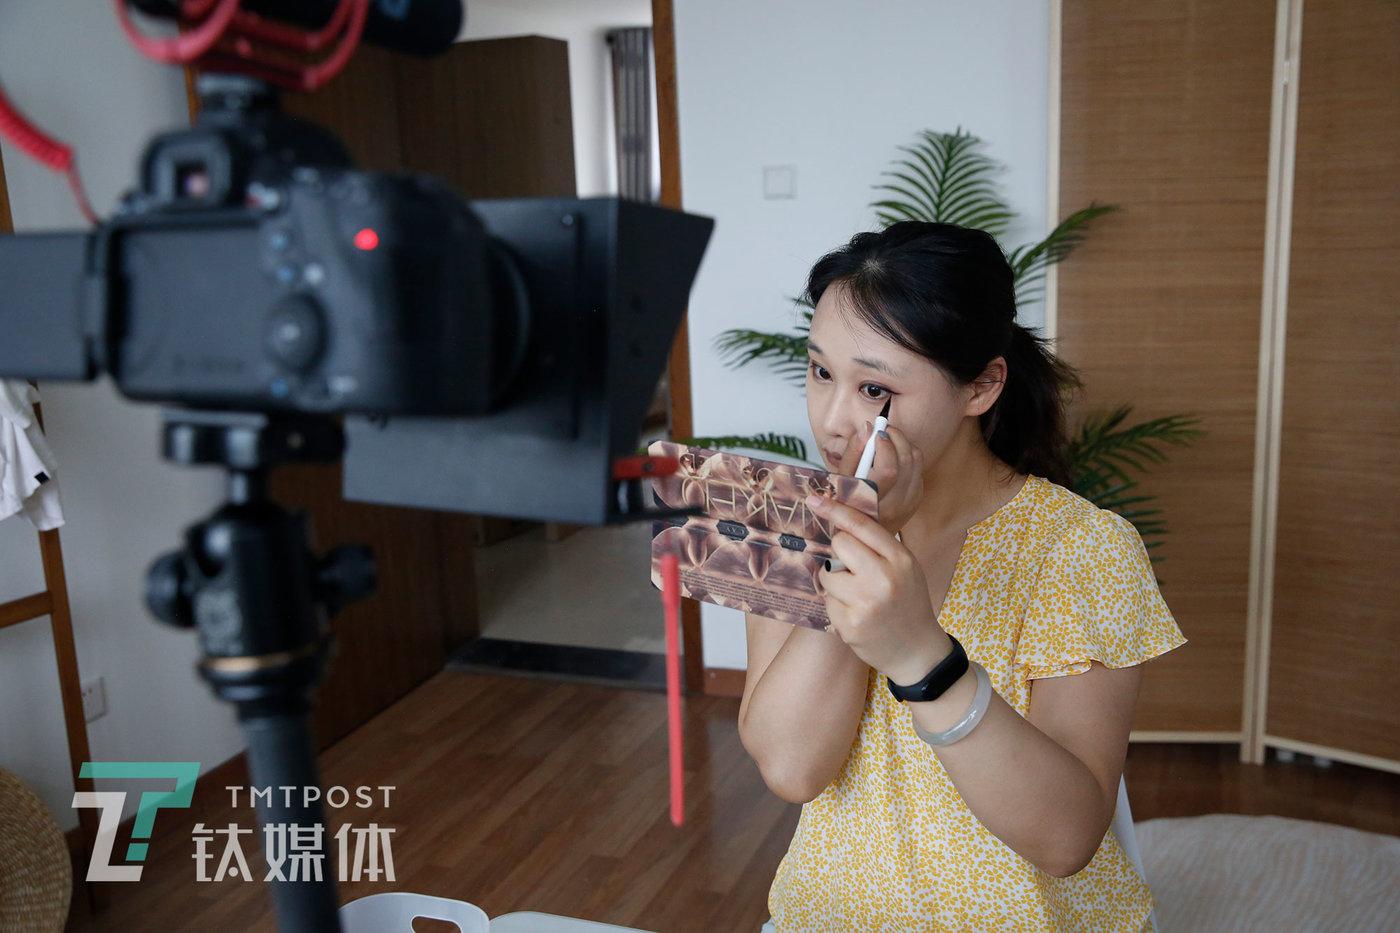 6月24日,北京市丰台区,瞻云云在工作室录制视频。